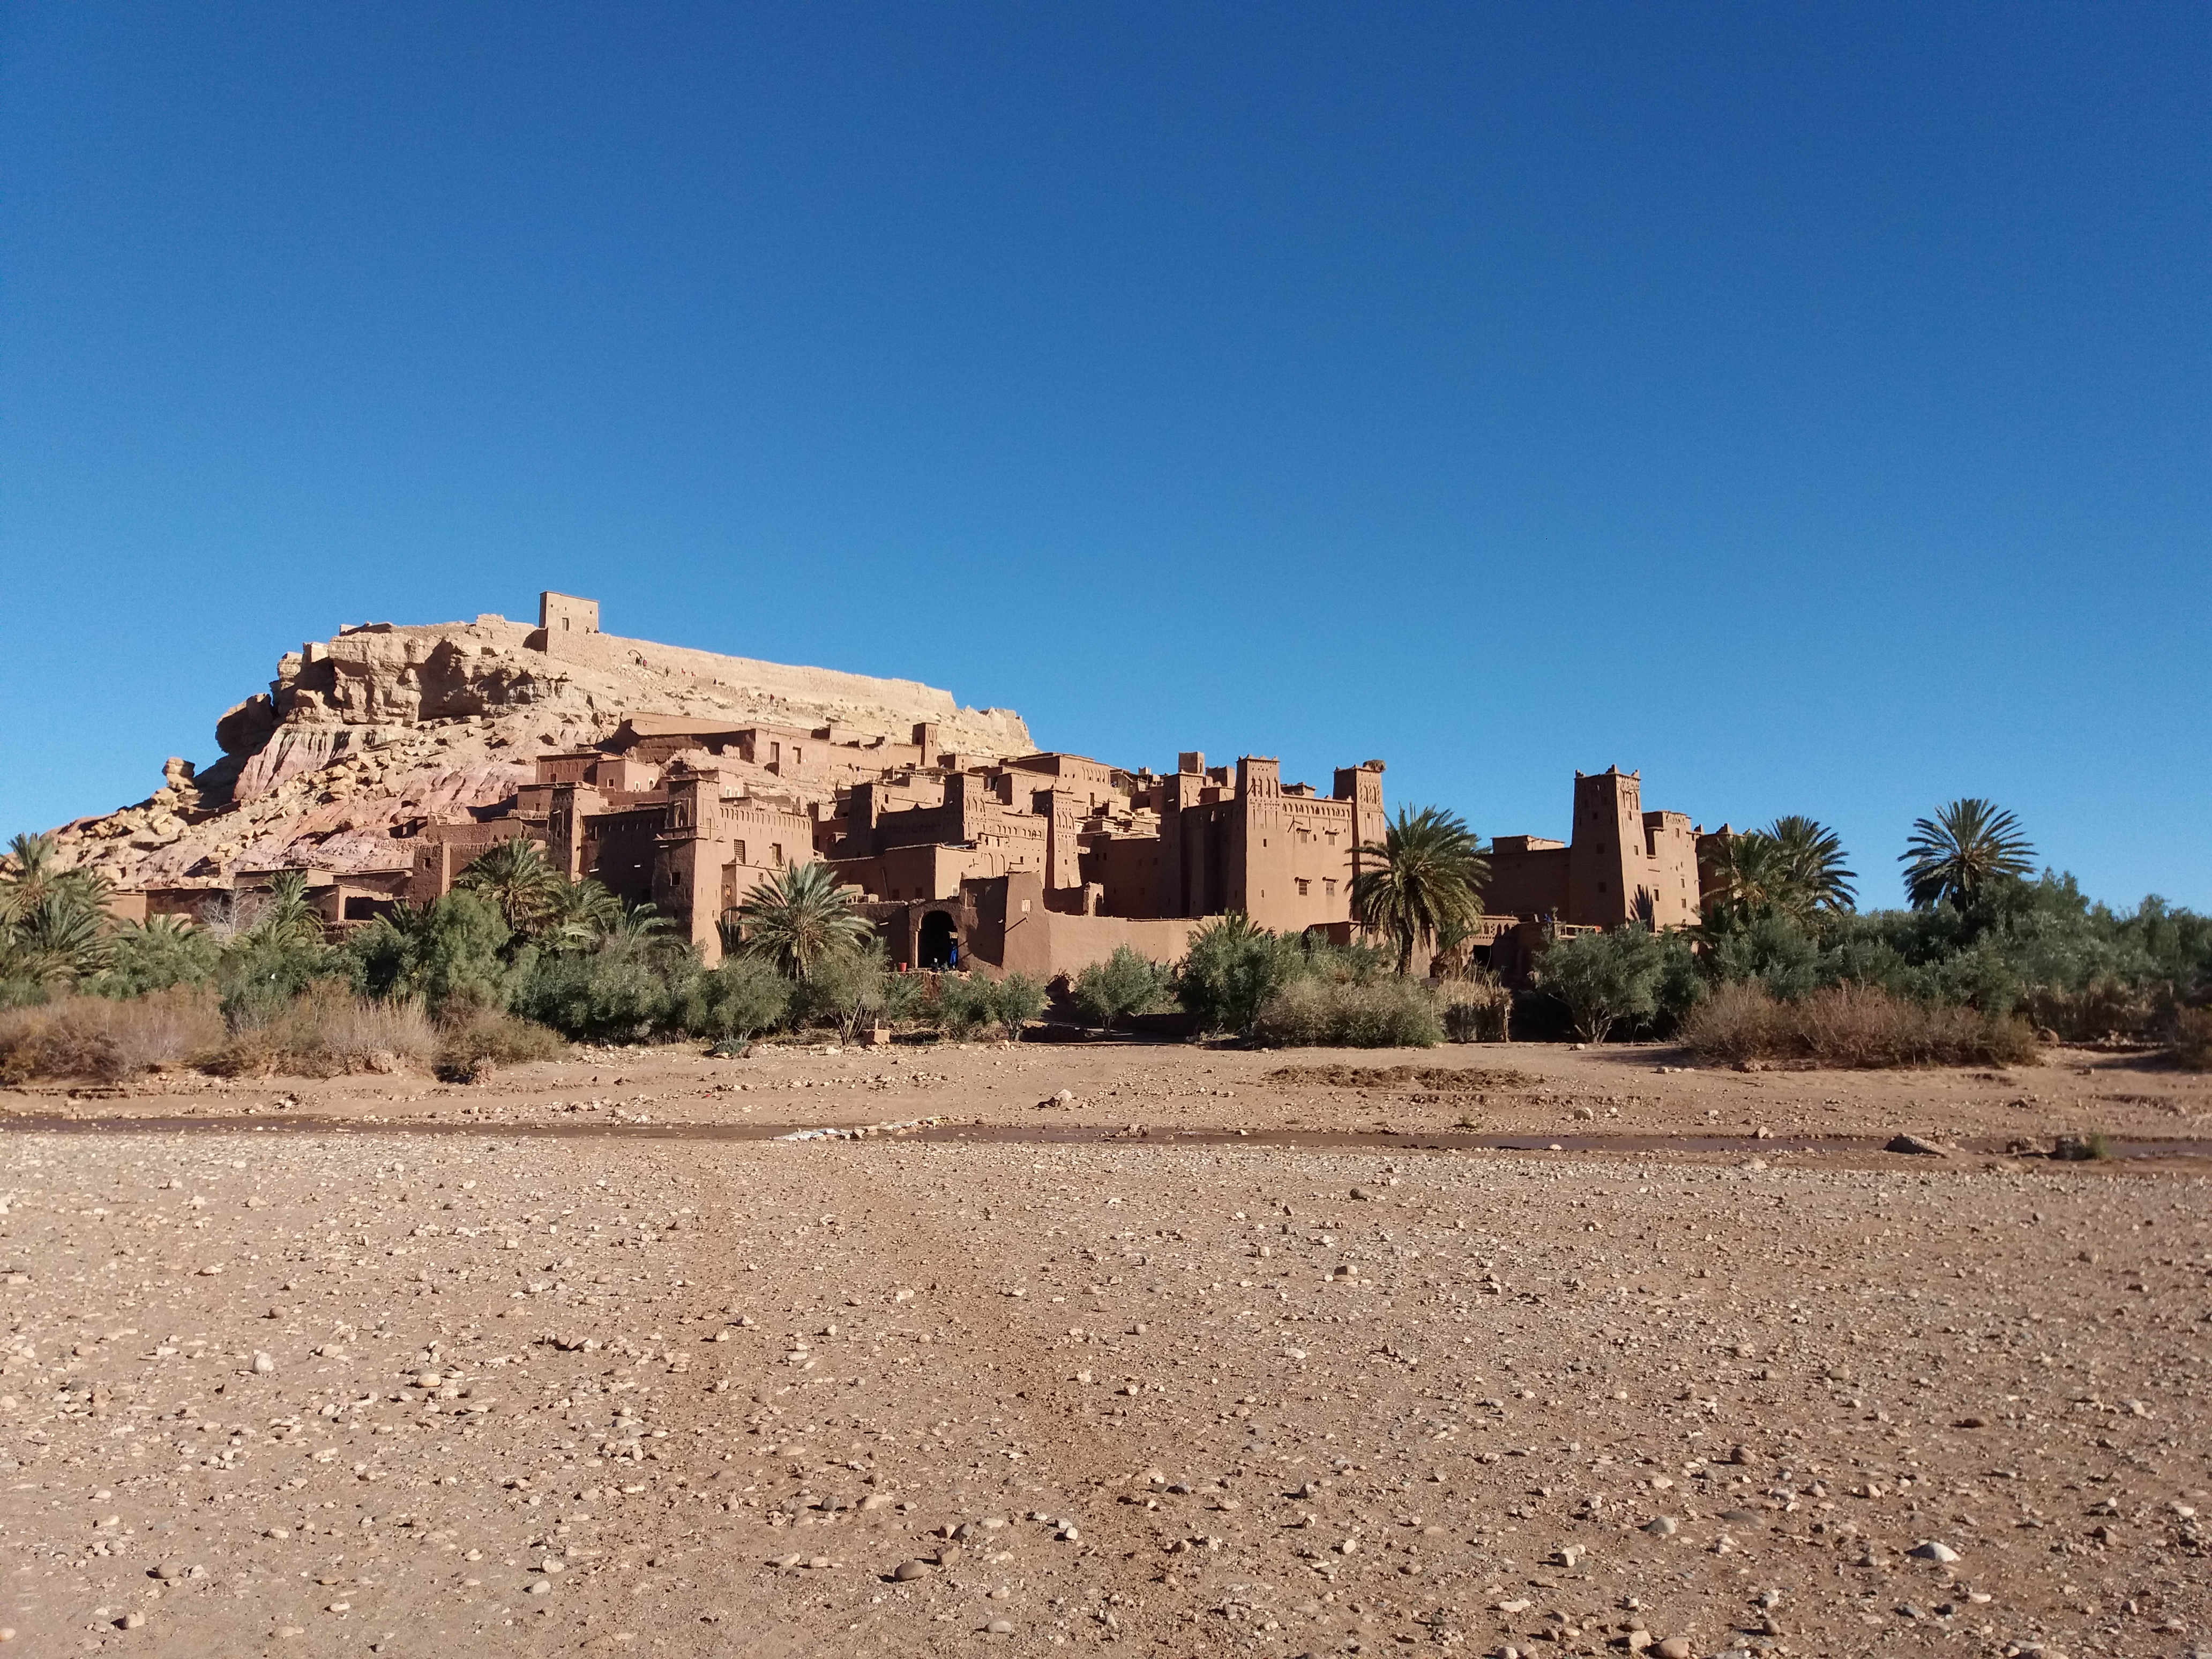 Roadbook – Von Tafraoute über das Safrangebiet nach Ouarzazate